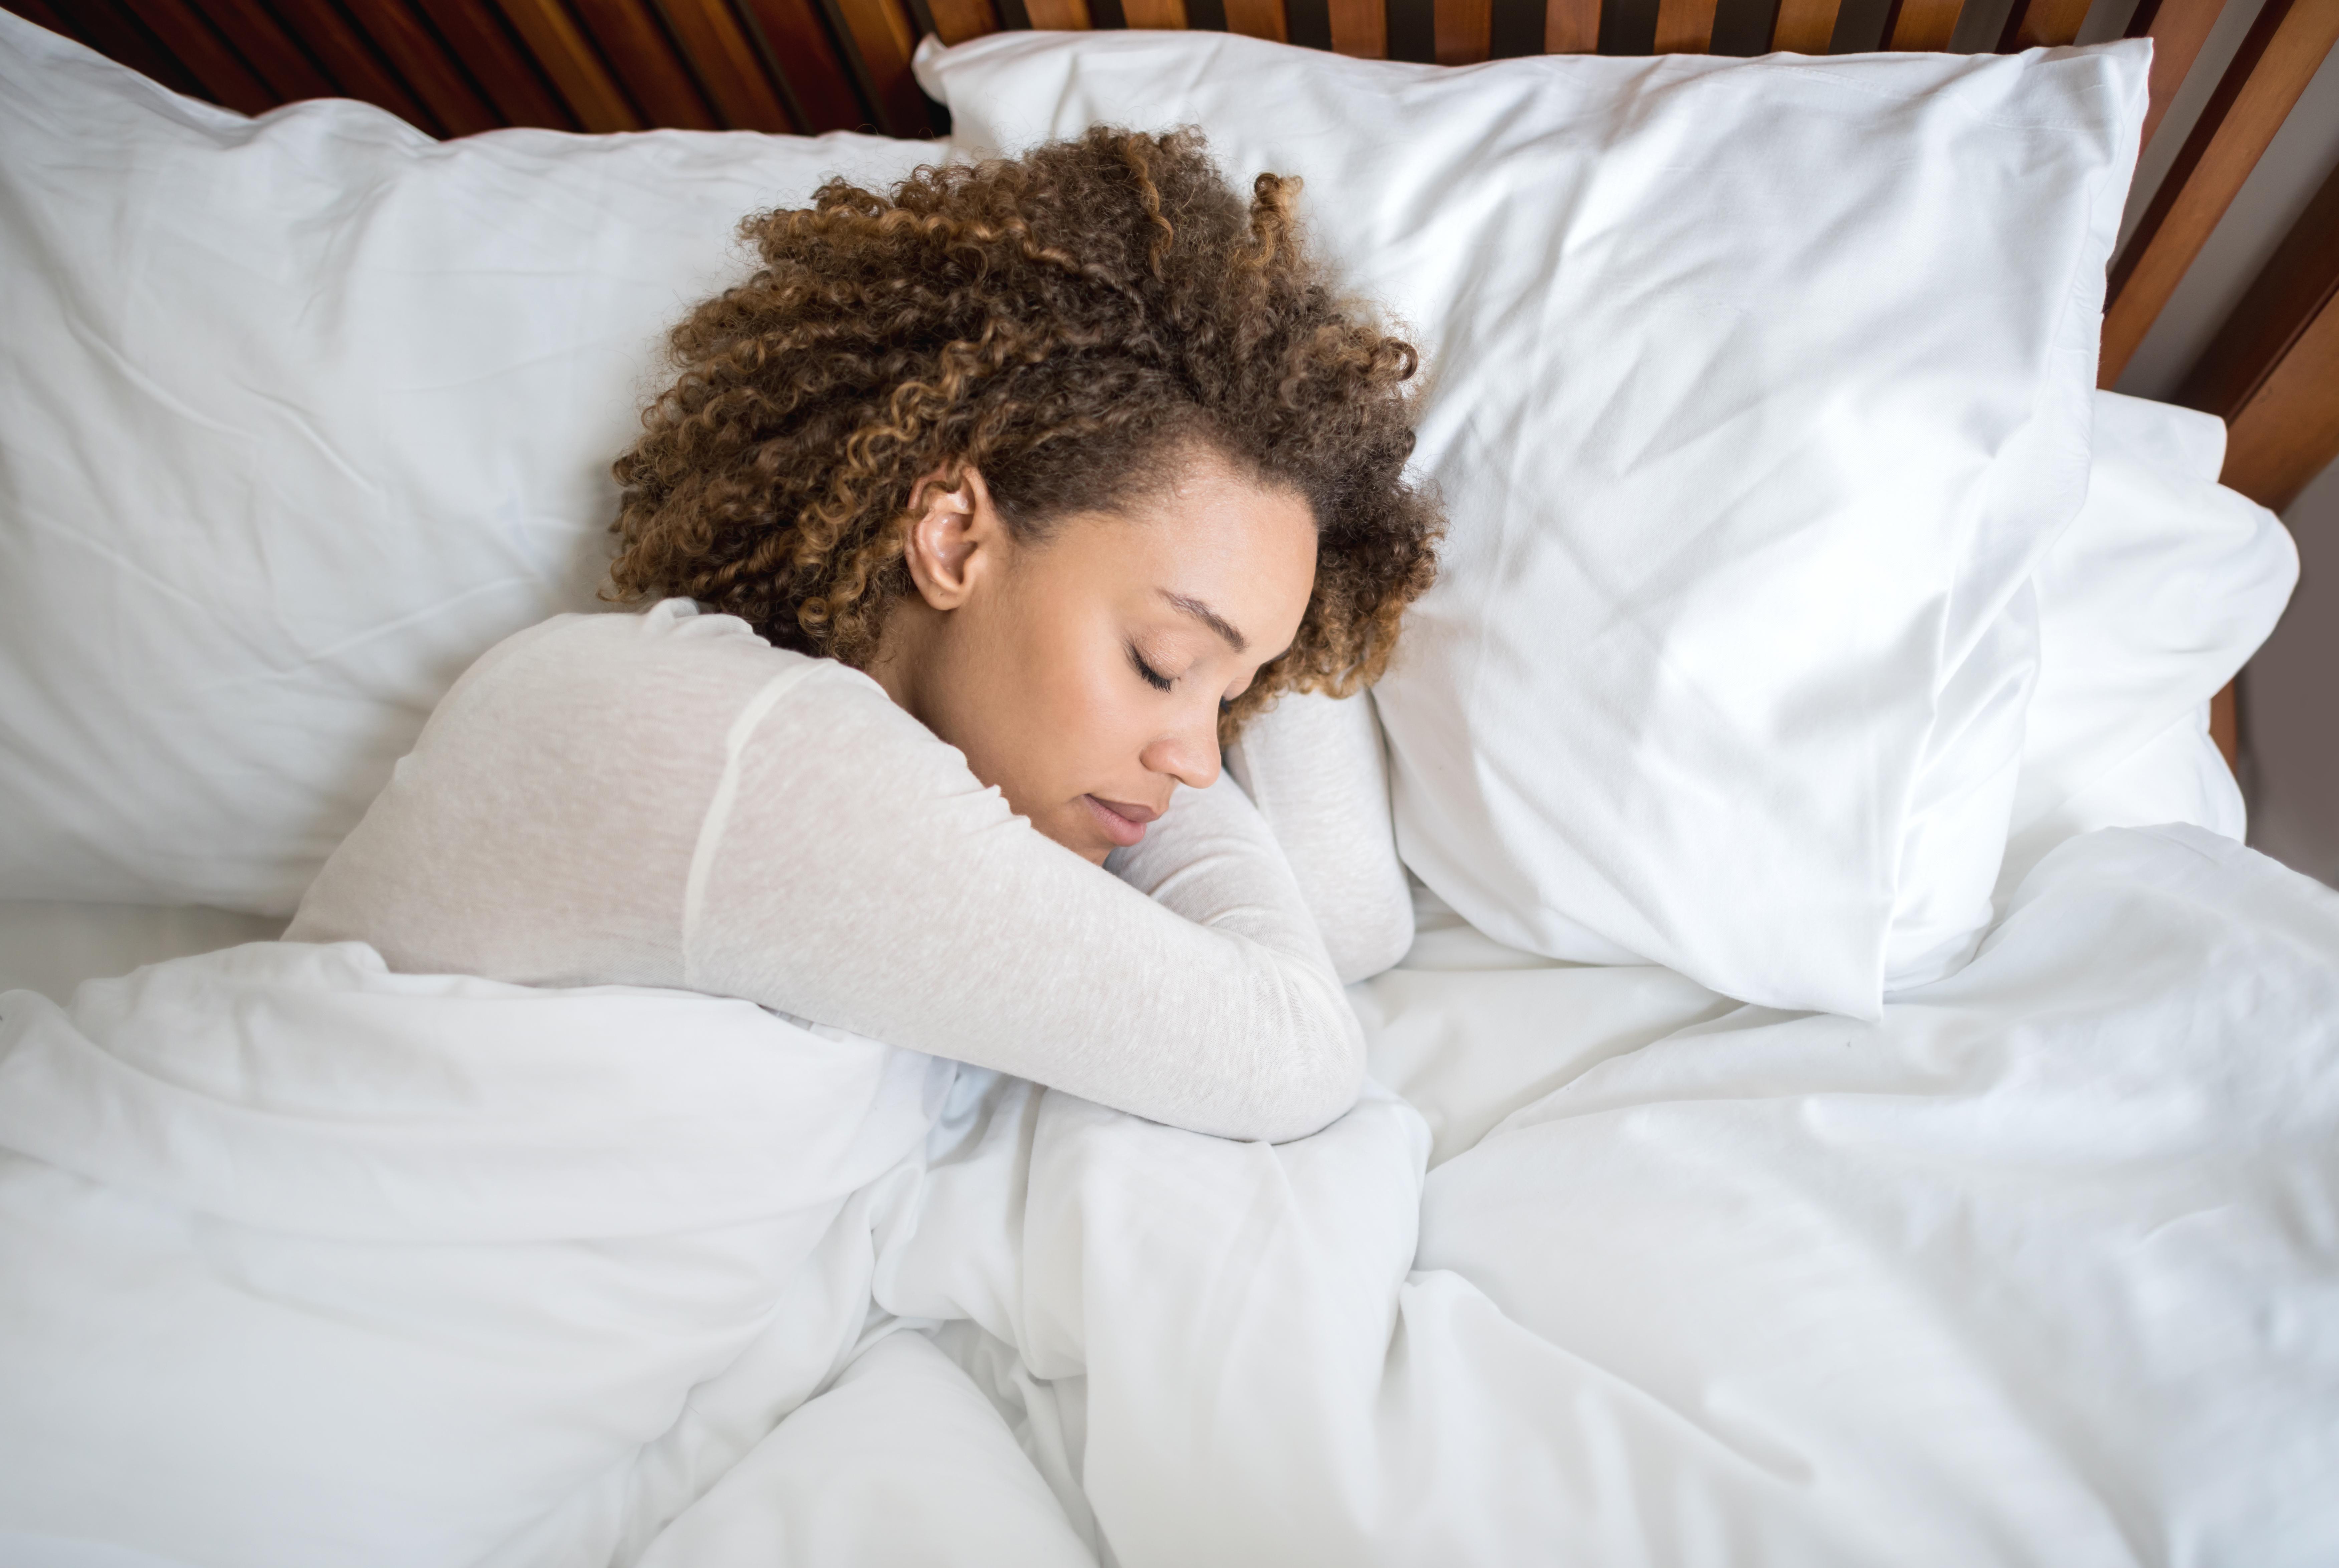 Comment Avoir Une Chambre Propre comment rendre sa chambre feng shui et mieux dormir - madame